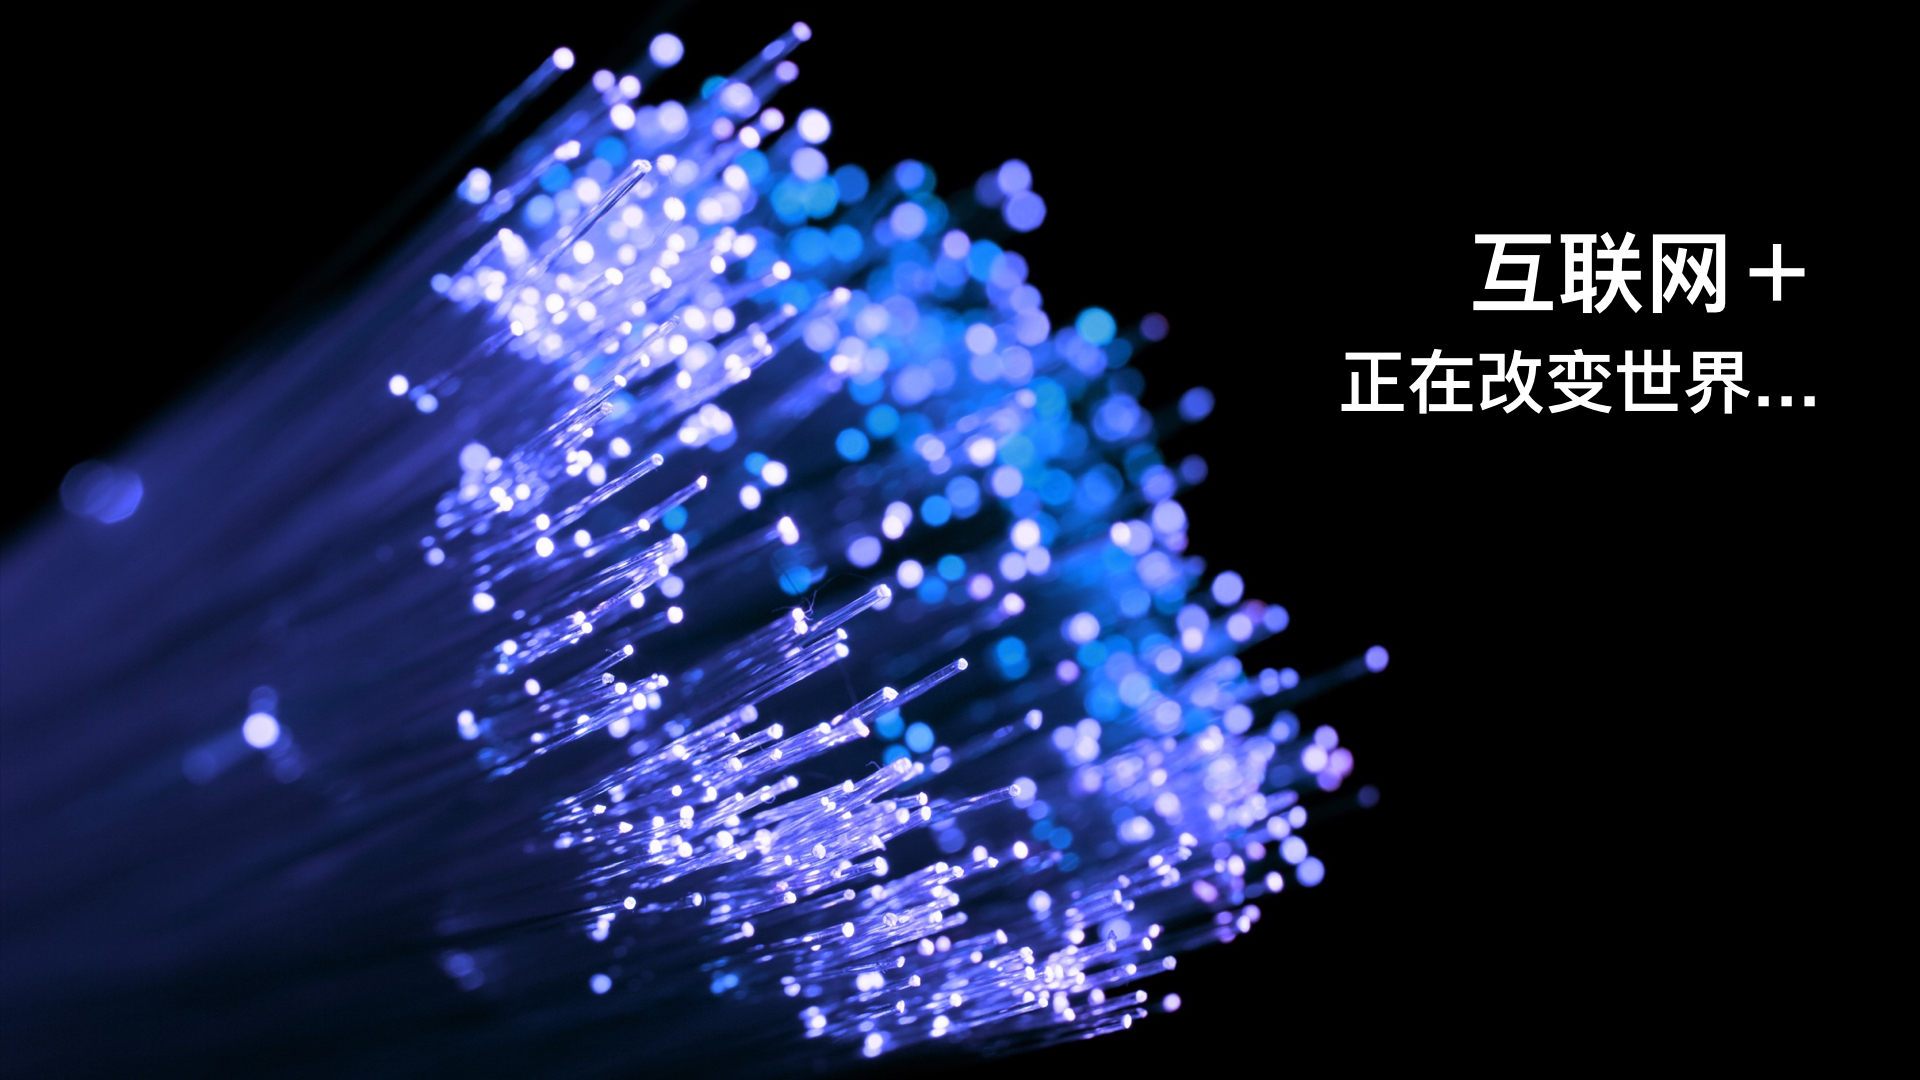 传统企业需要理解哪些互联网产品思维?